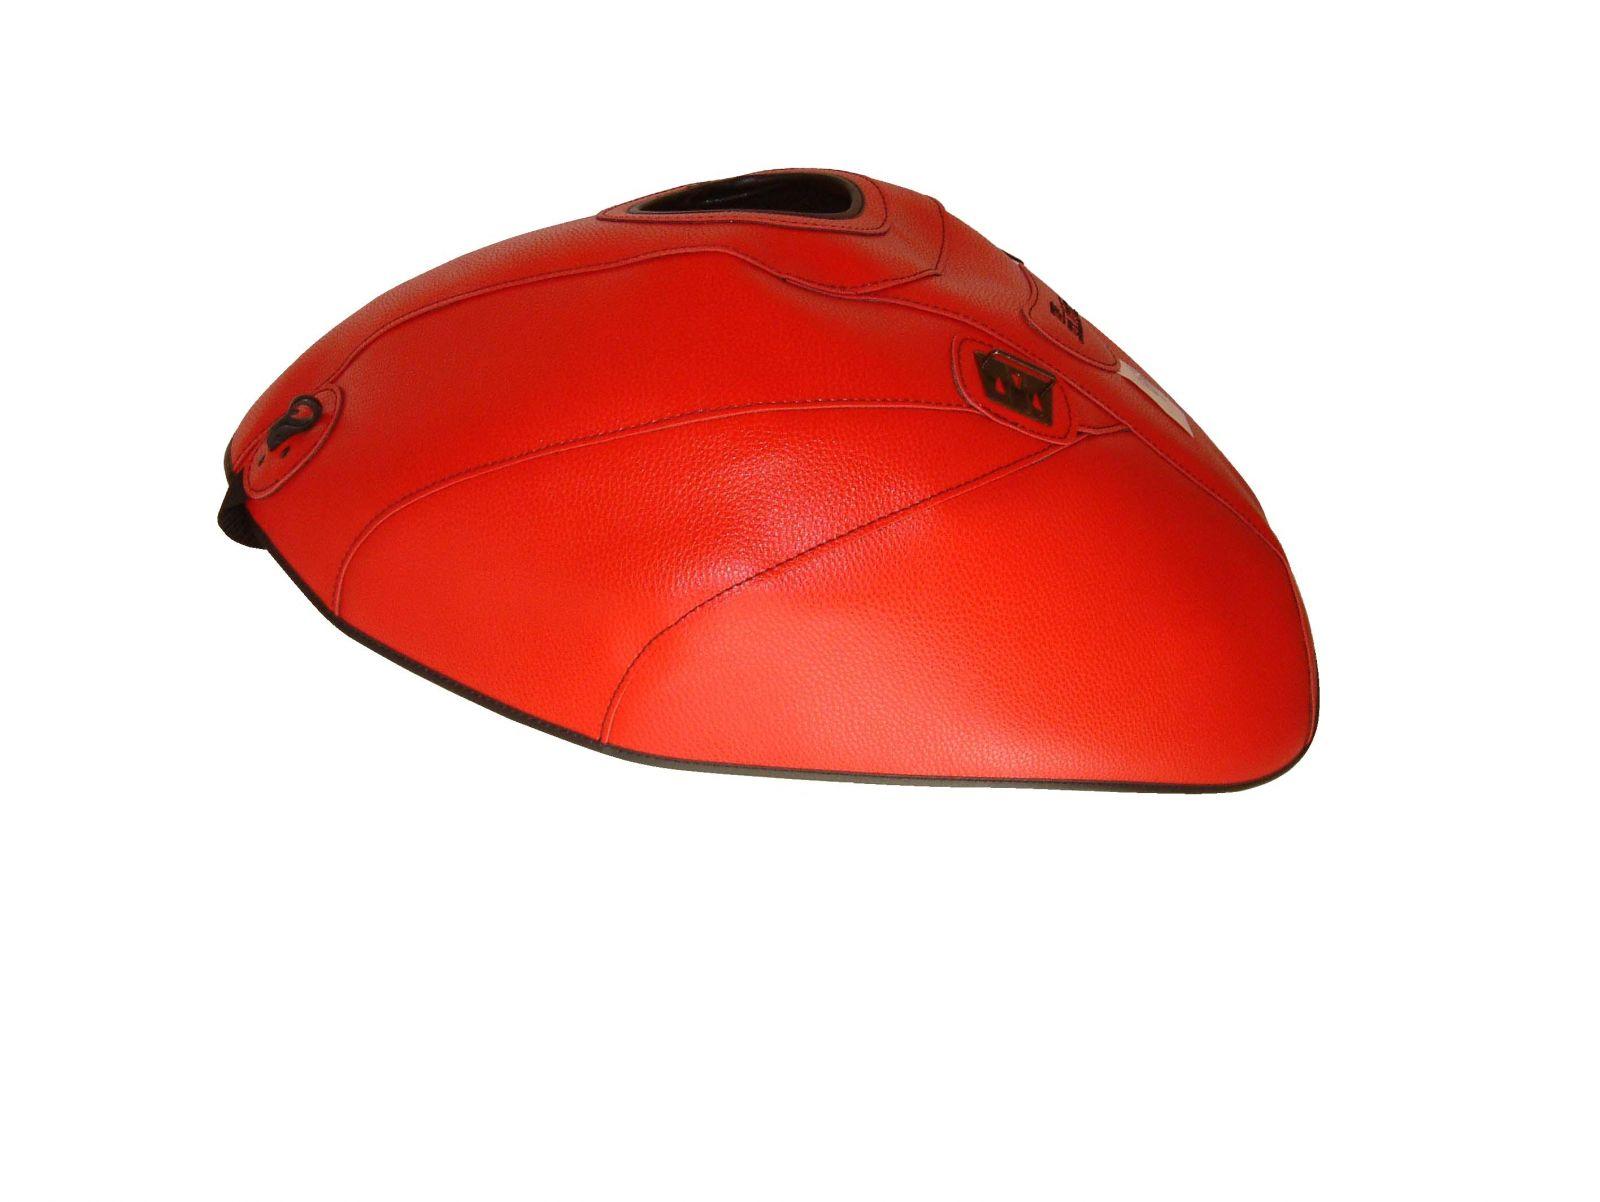 Cubre depósito TPR3929 - SUZUKI BANDIT 650 [≥ 2010]